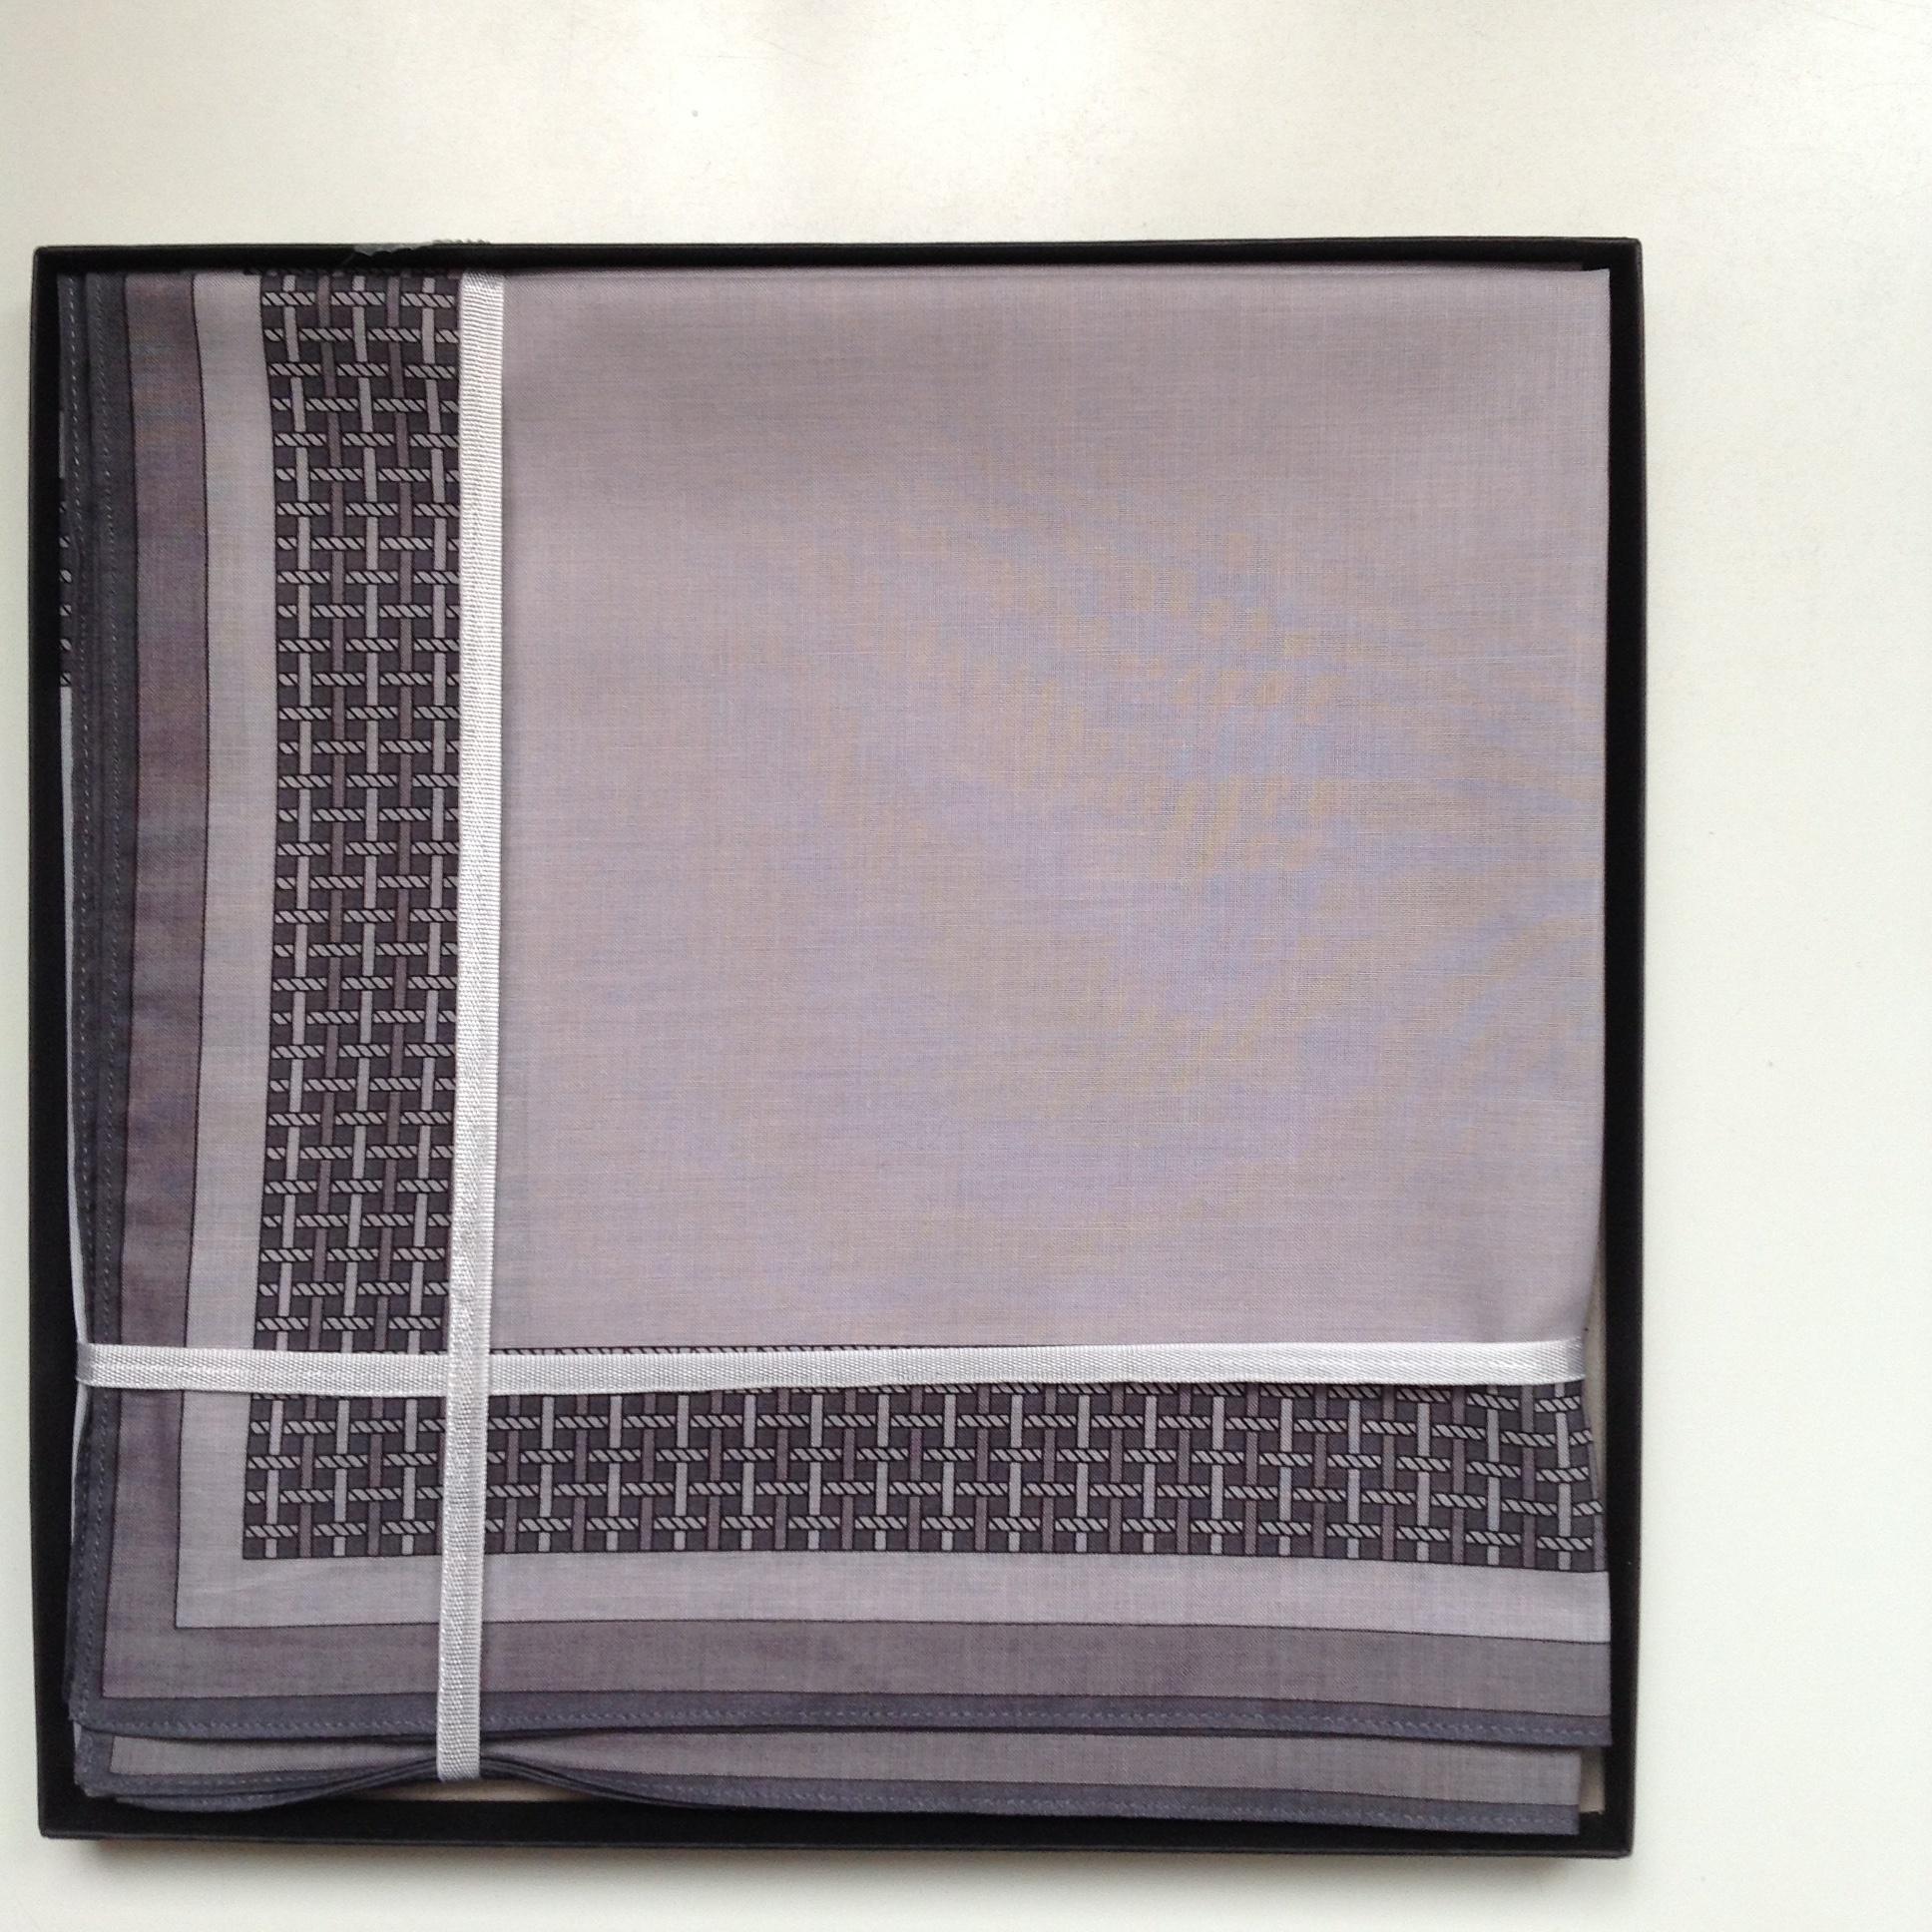 Lehner Zakdoek heren per   stuks , 43/43 cm -  - Copy